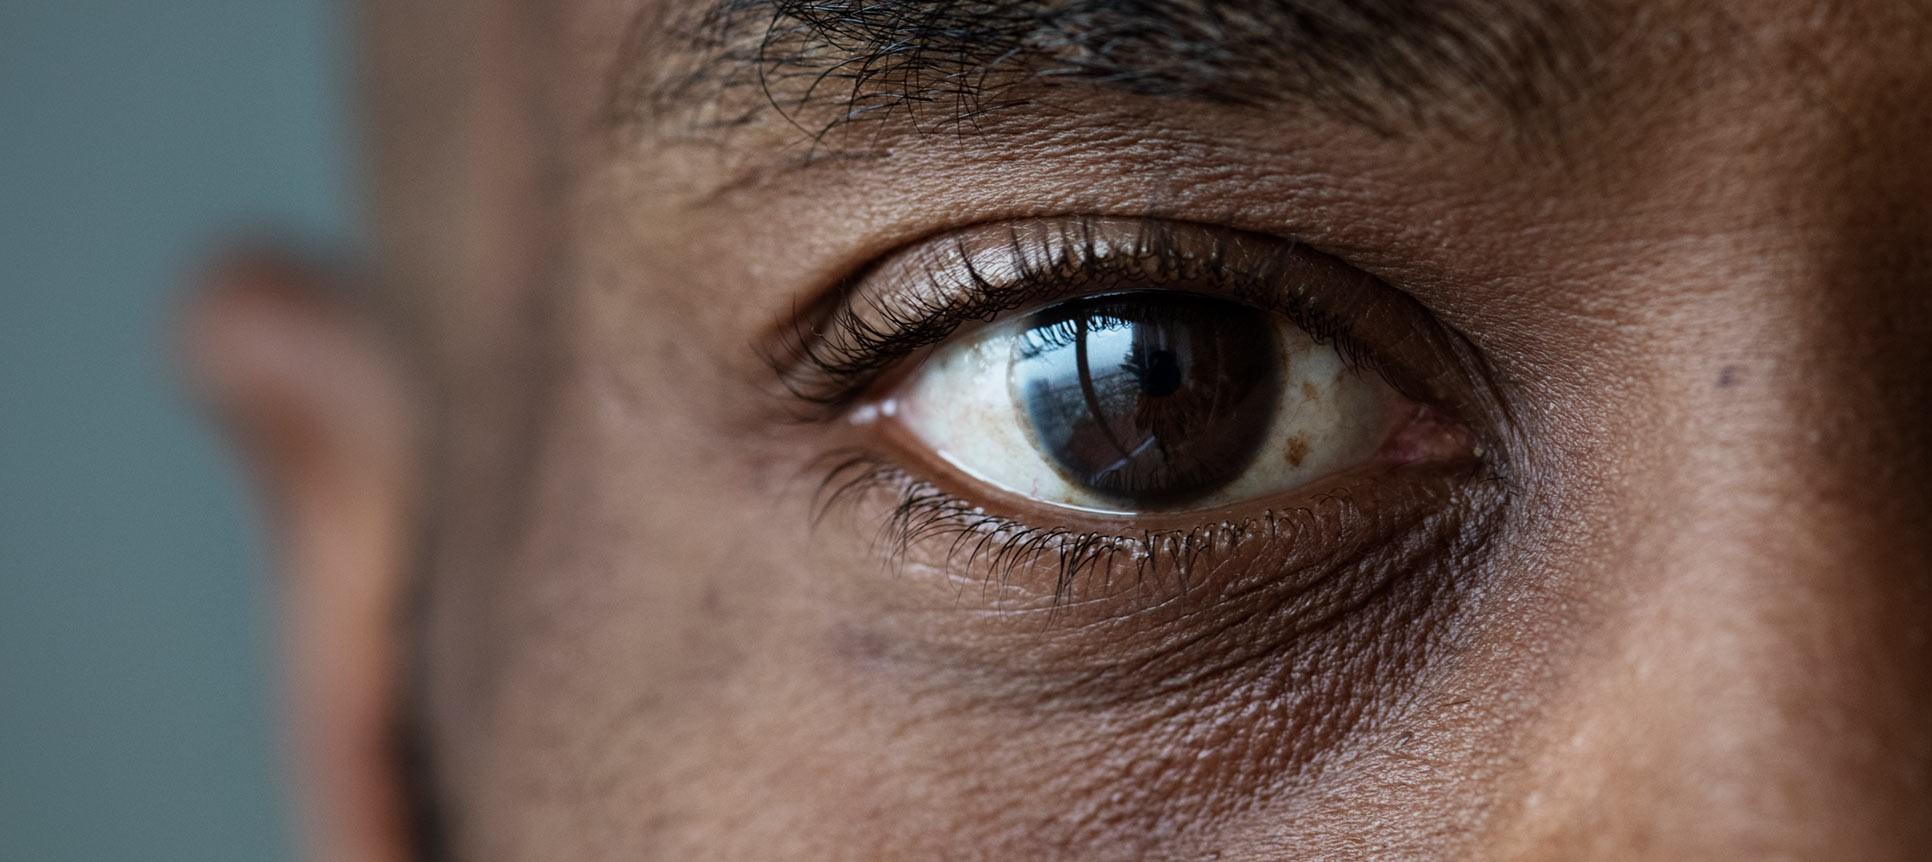 اختلال مگس پران چشمی چیست؟